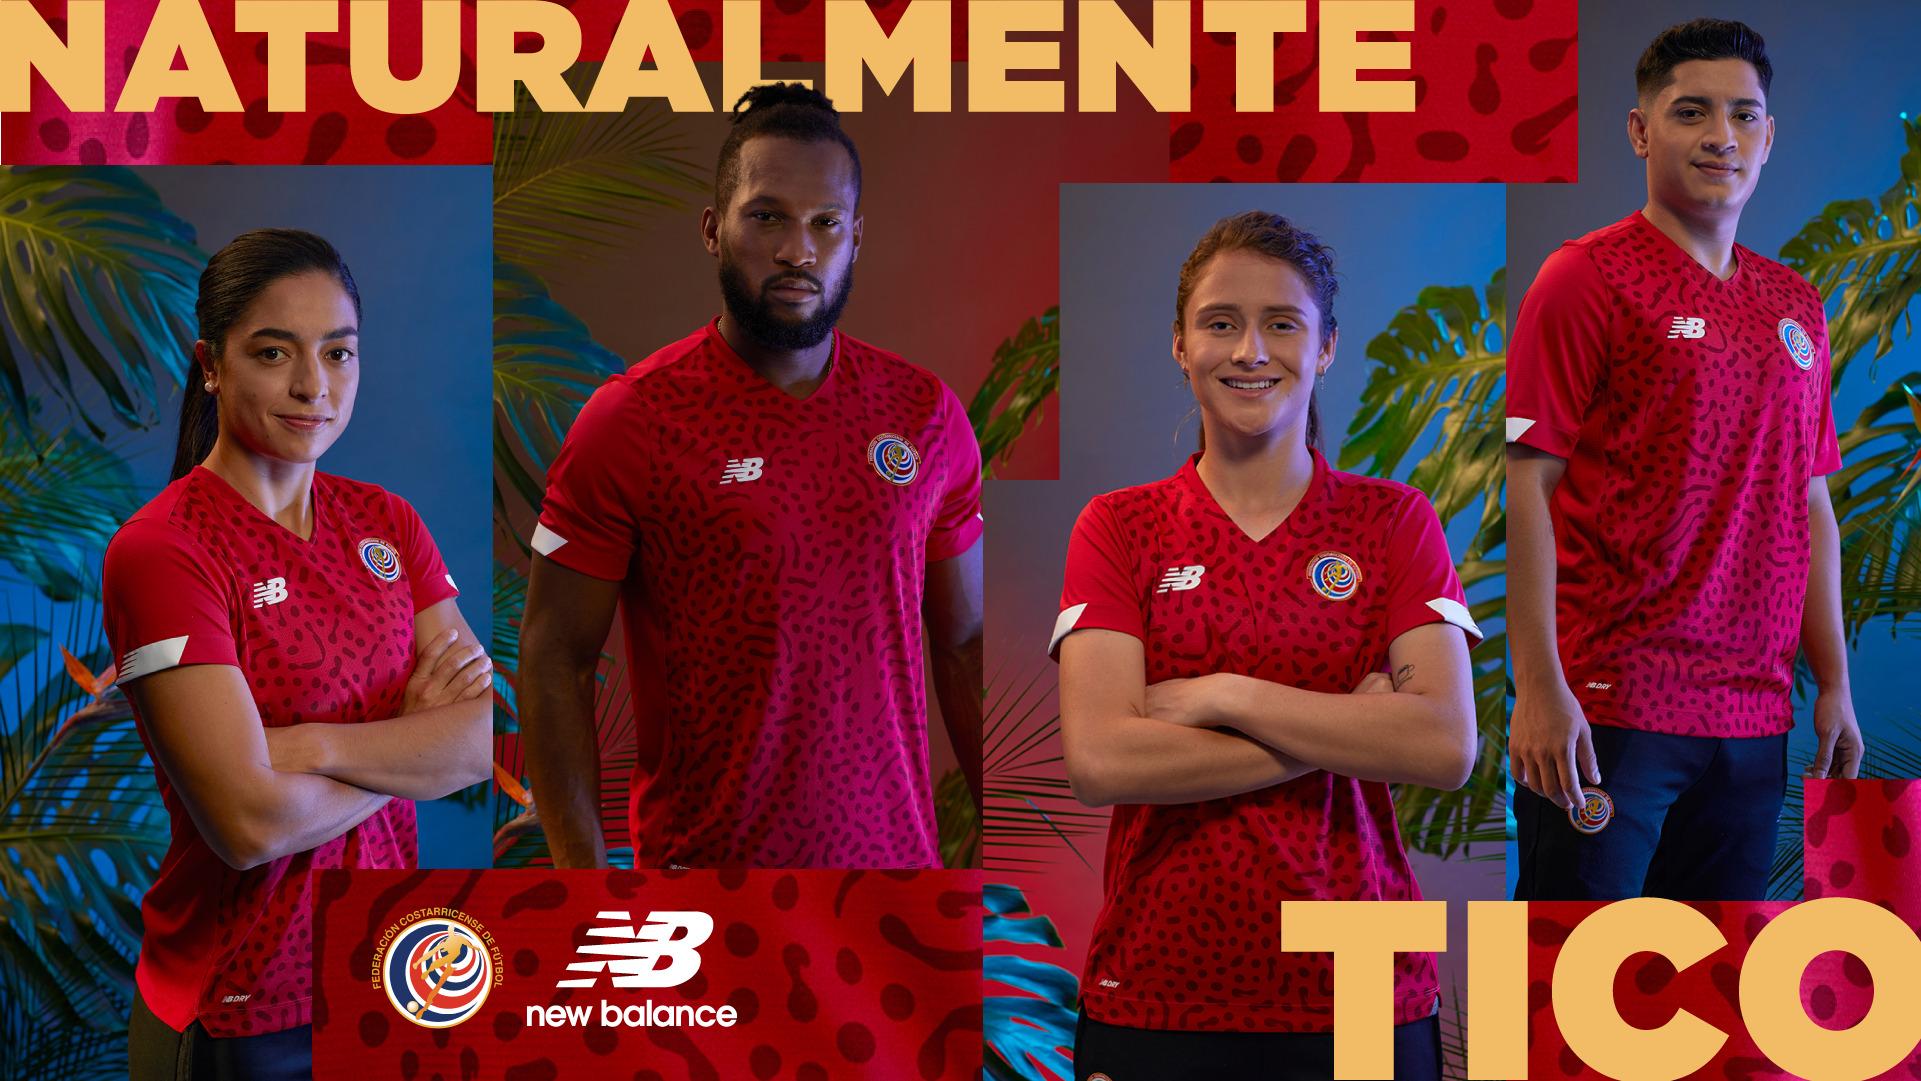 Biodiversidad costarricense inspiró la nueva camiseta de New Balance para las Selecciones Nacionales.